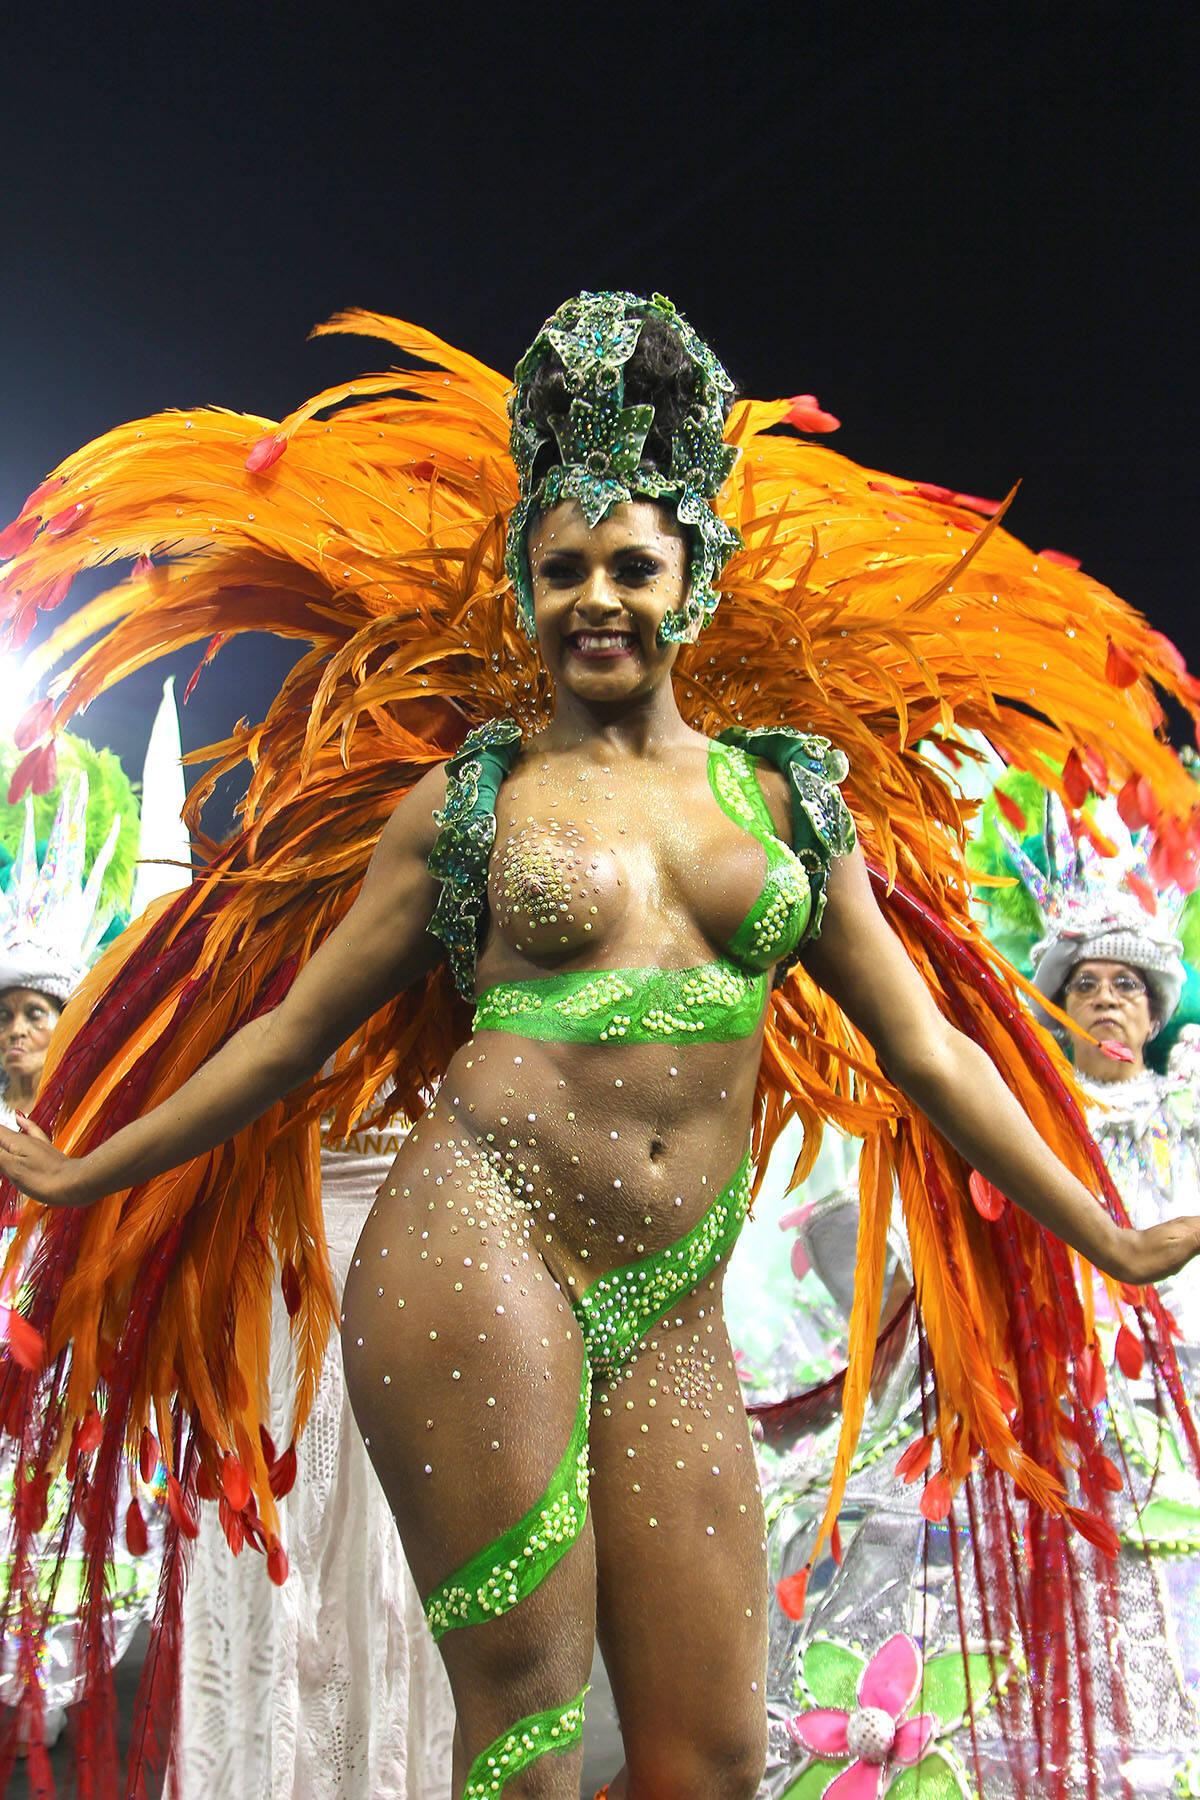 Tarine Lopes perdeu o tapa-sexo e se cobriu com as mãos no desfile da X-9 no sábado (10). Foto: Divulgação